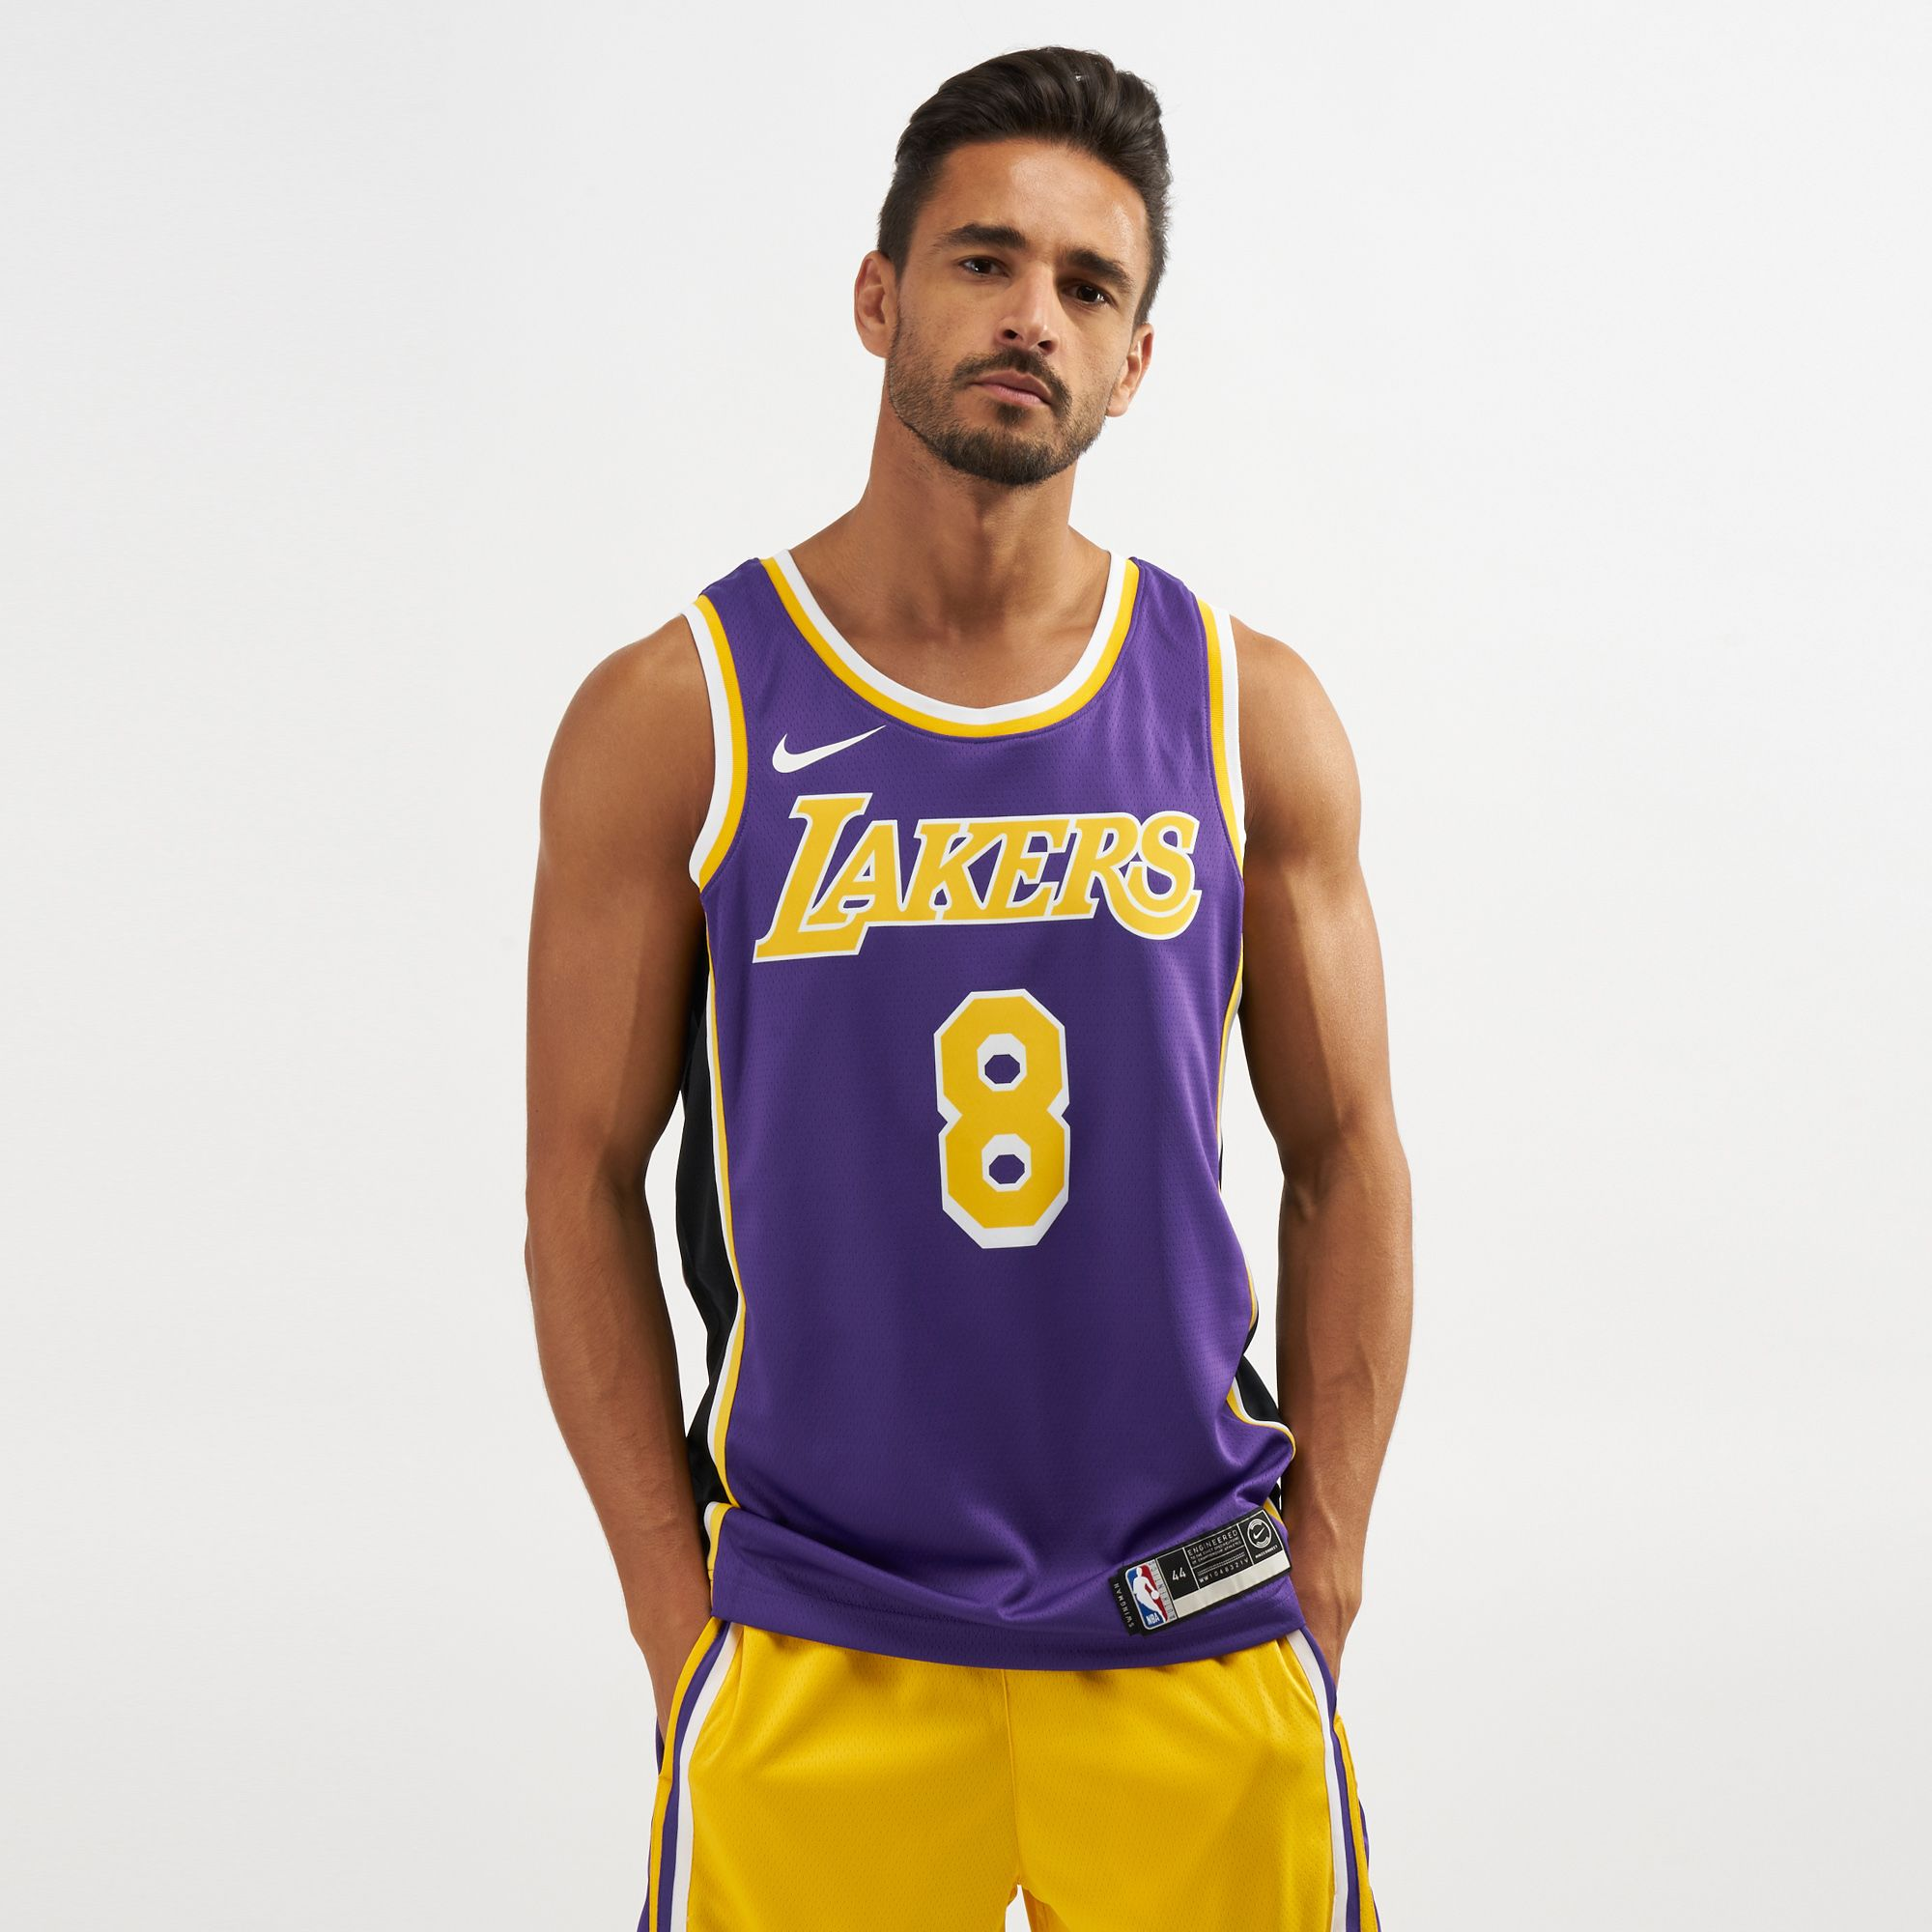 kobe bryant lakers swingman jersey jersey on sale